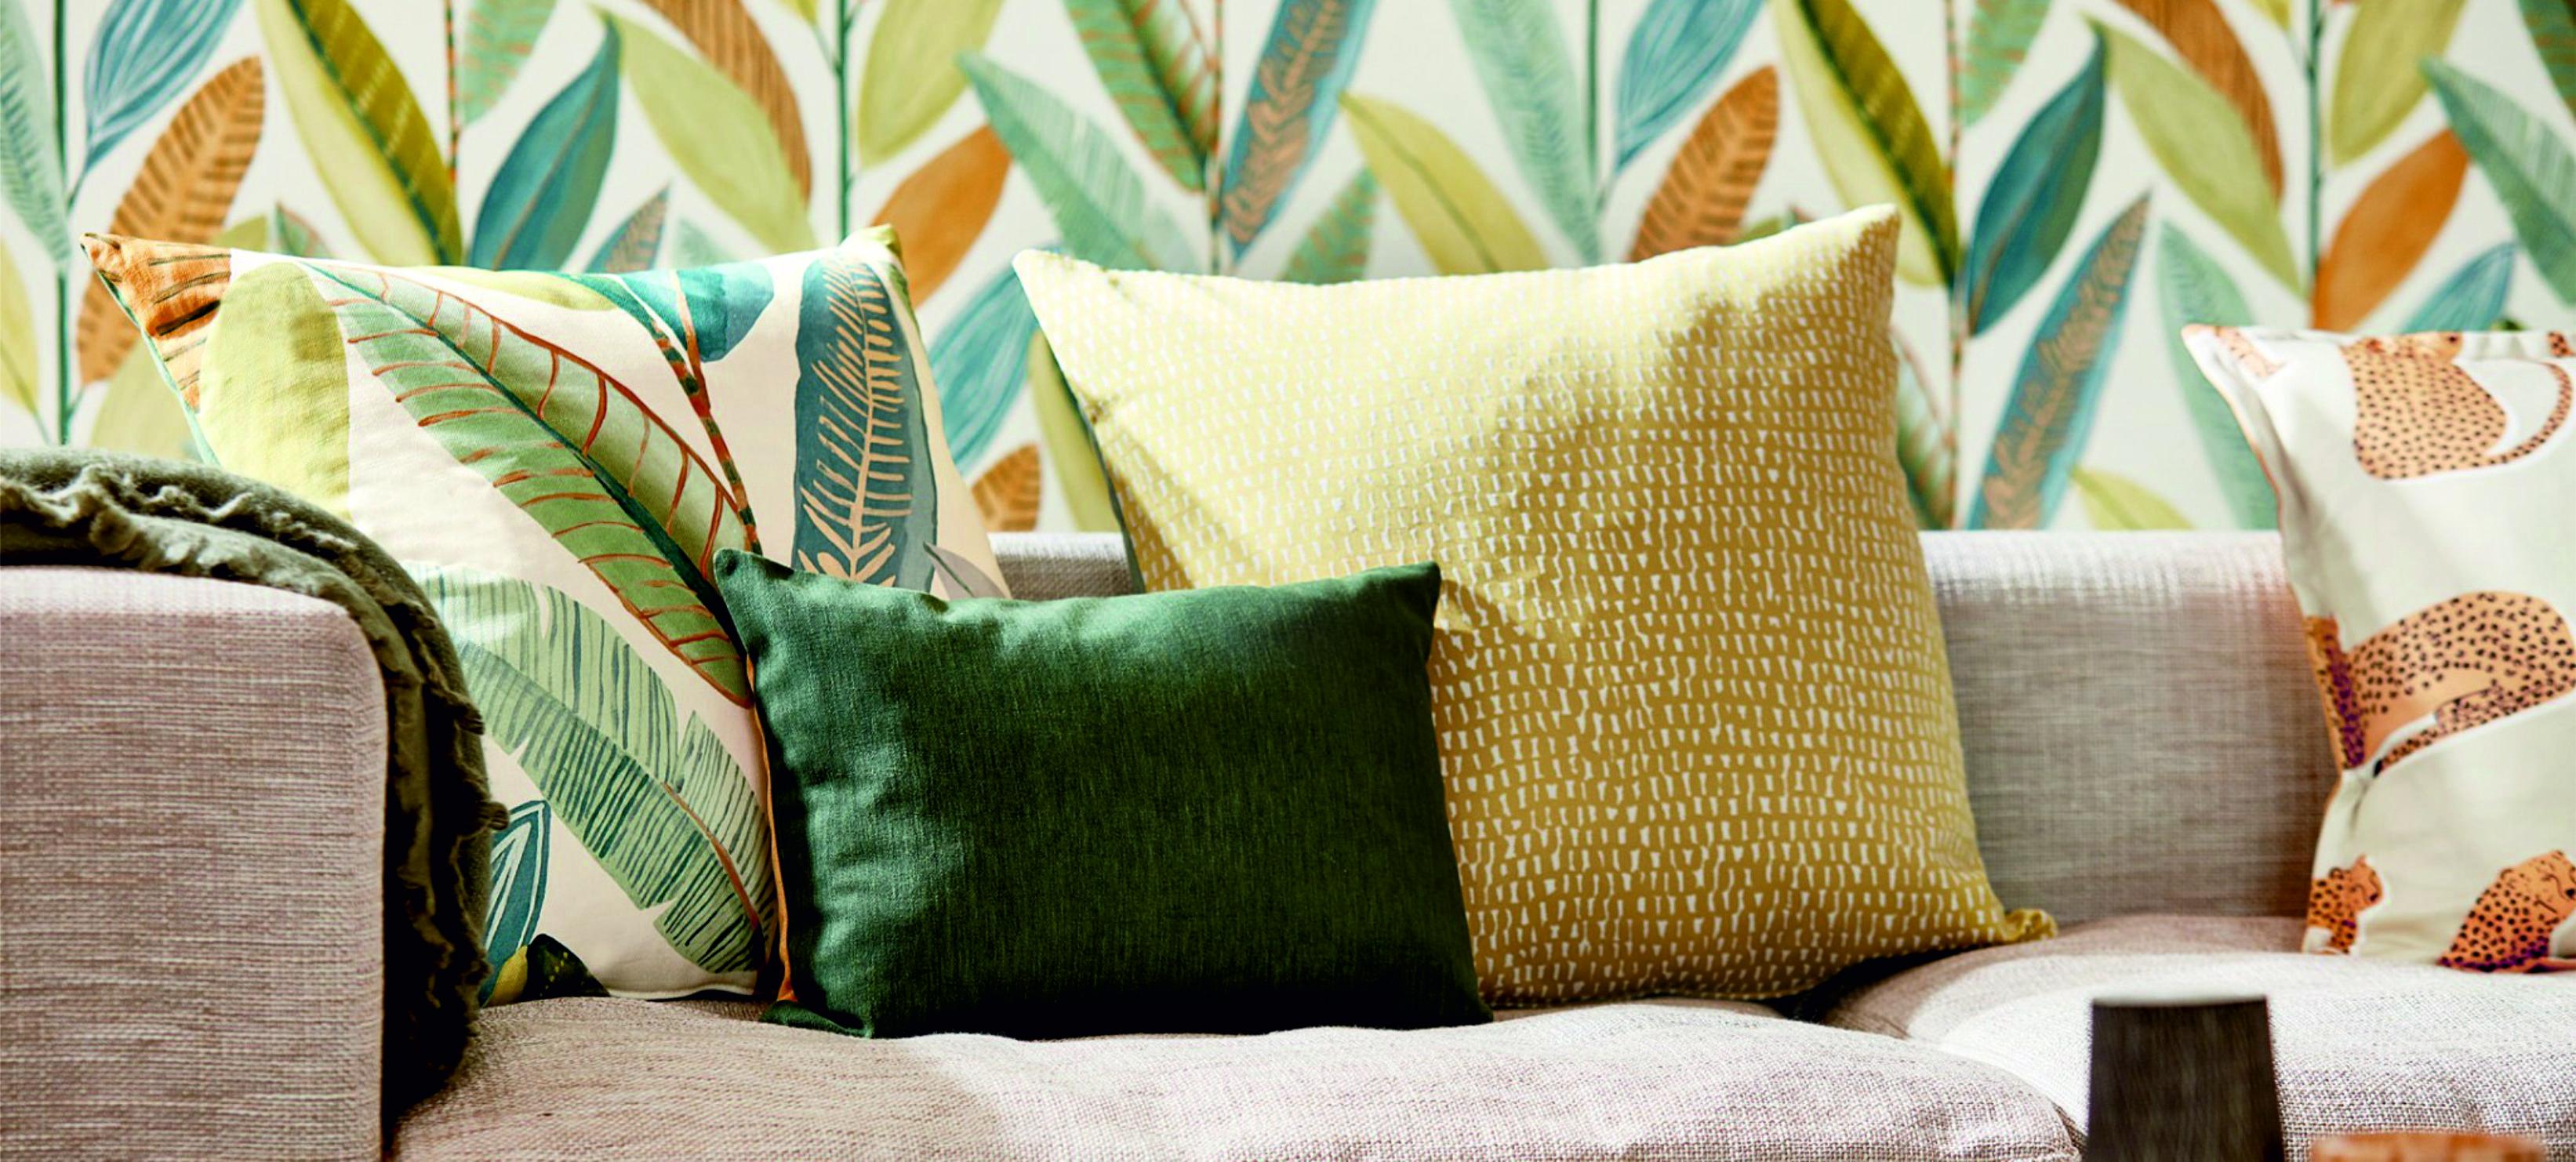 Home 3 | Hauss - Interior Design e Contract